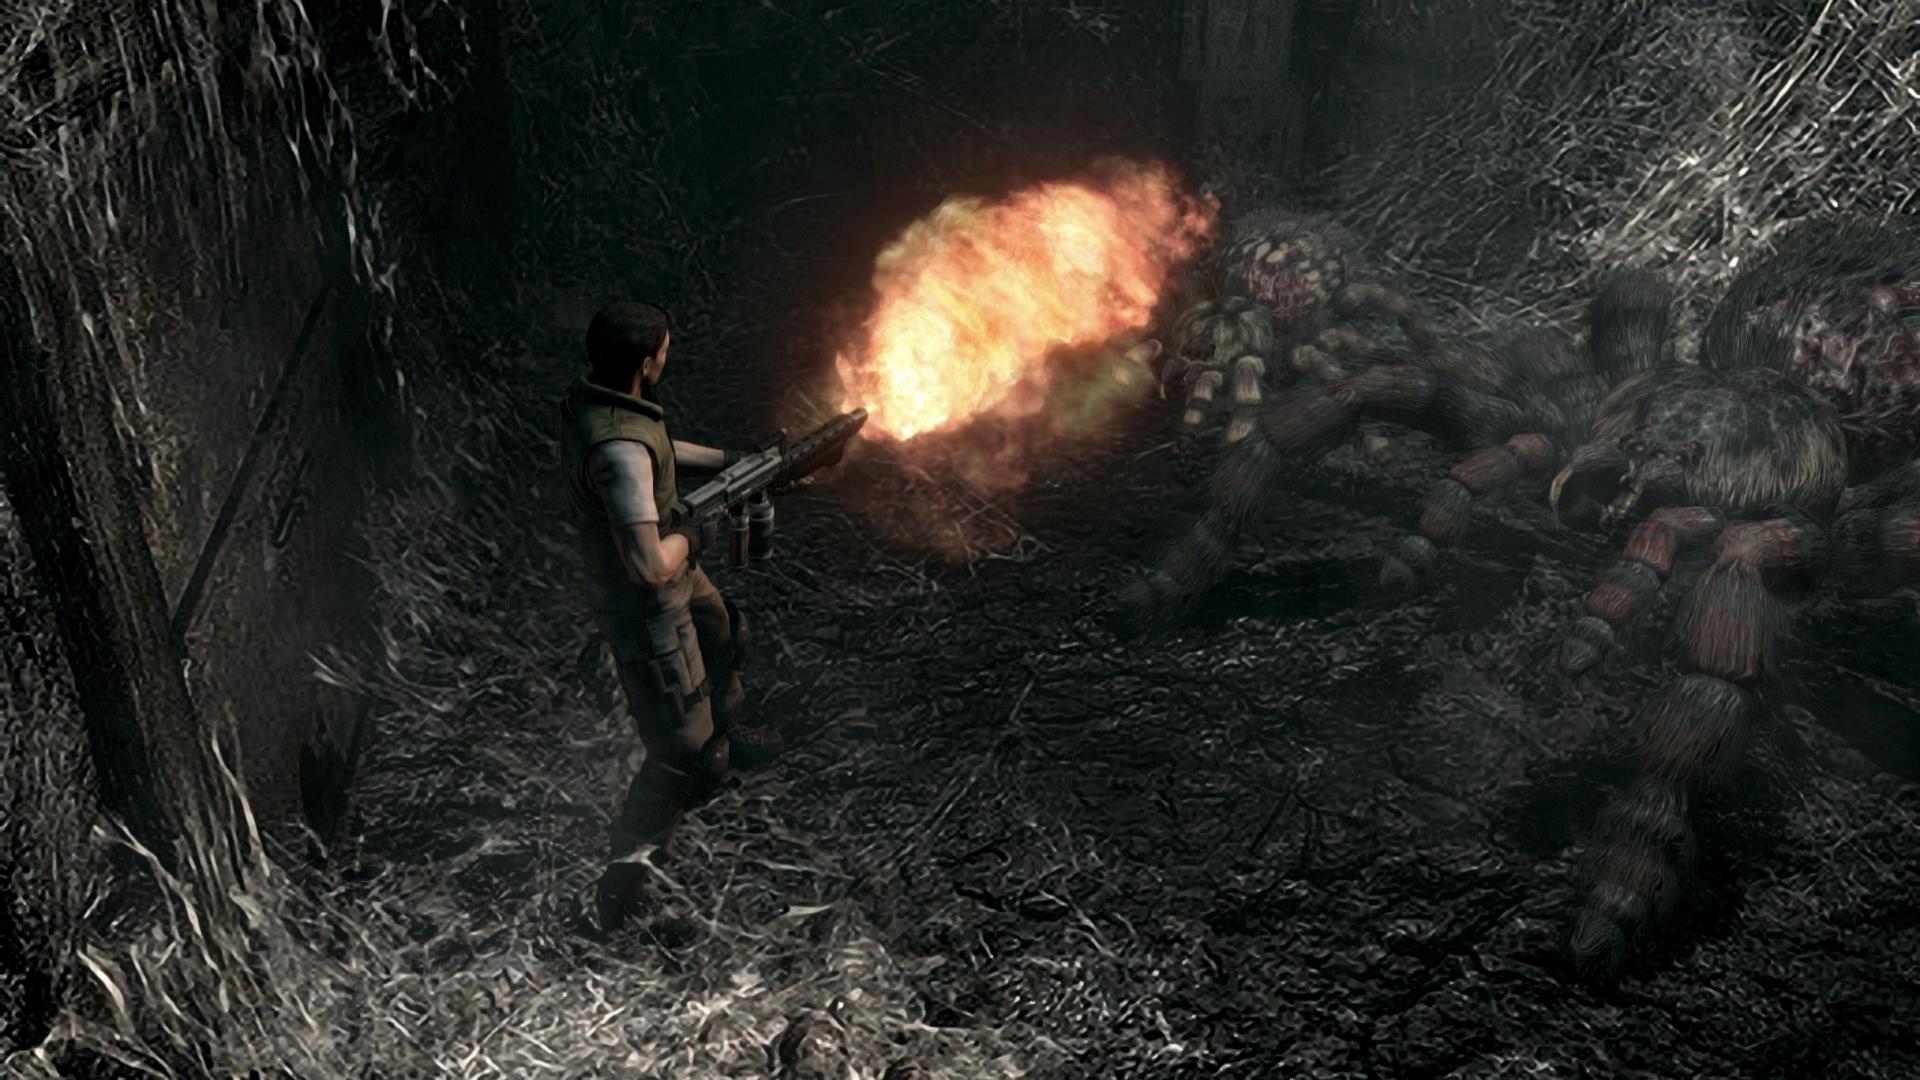 Obrazem: Strach, napětí a hrůzy v Resident Evil HD 102699